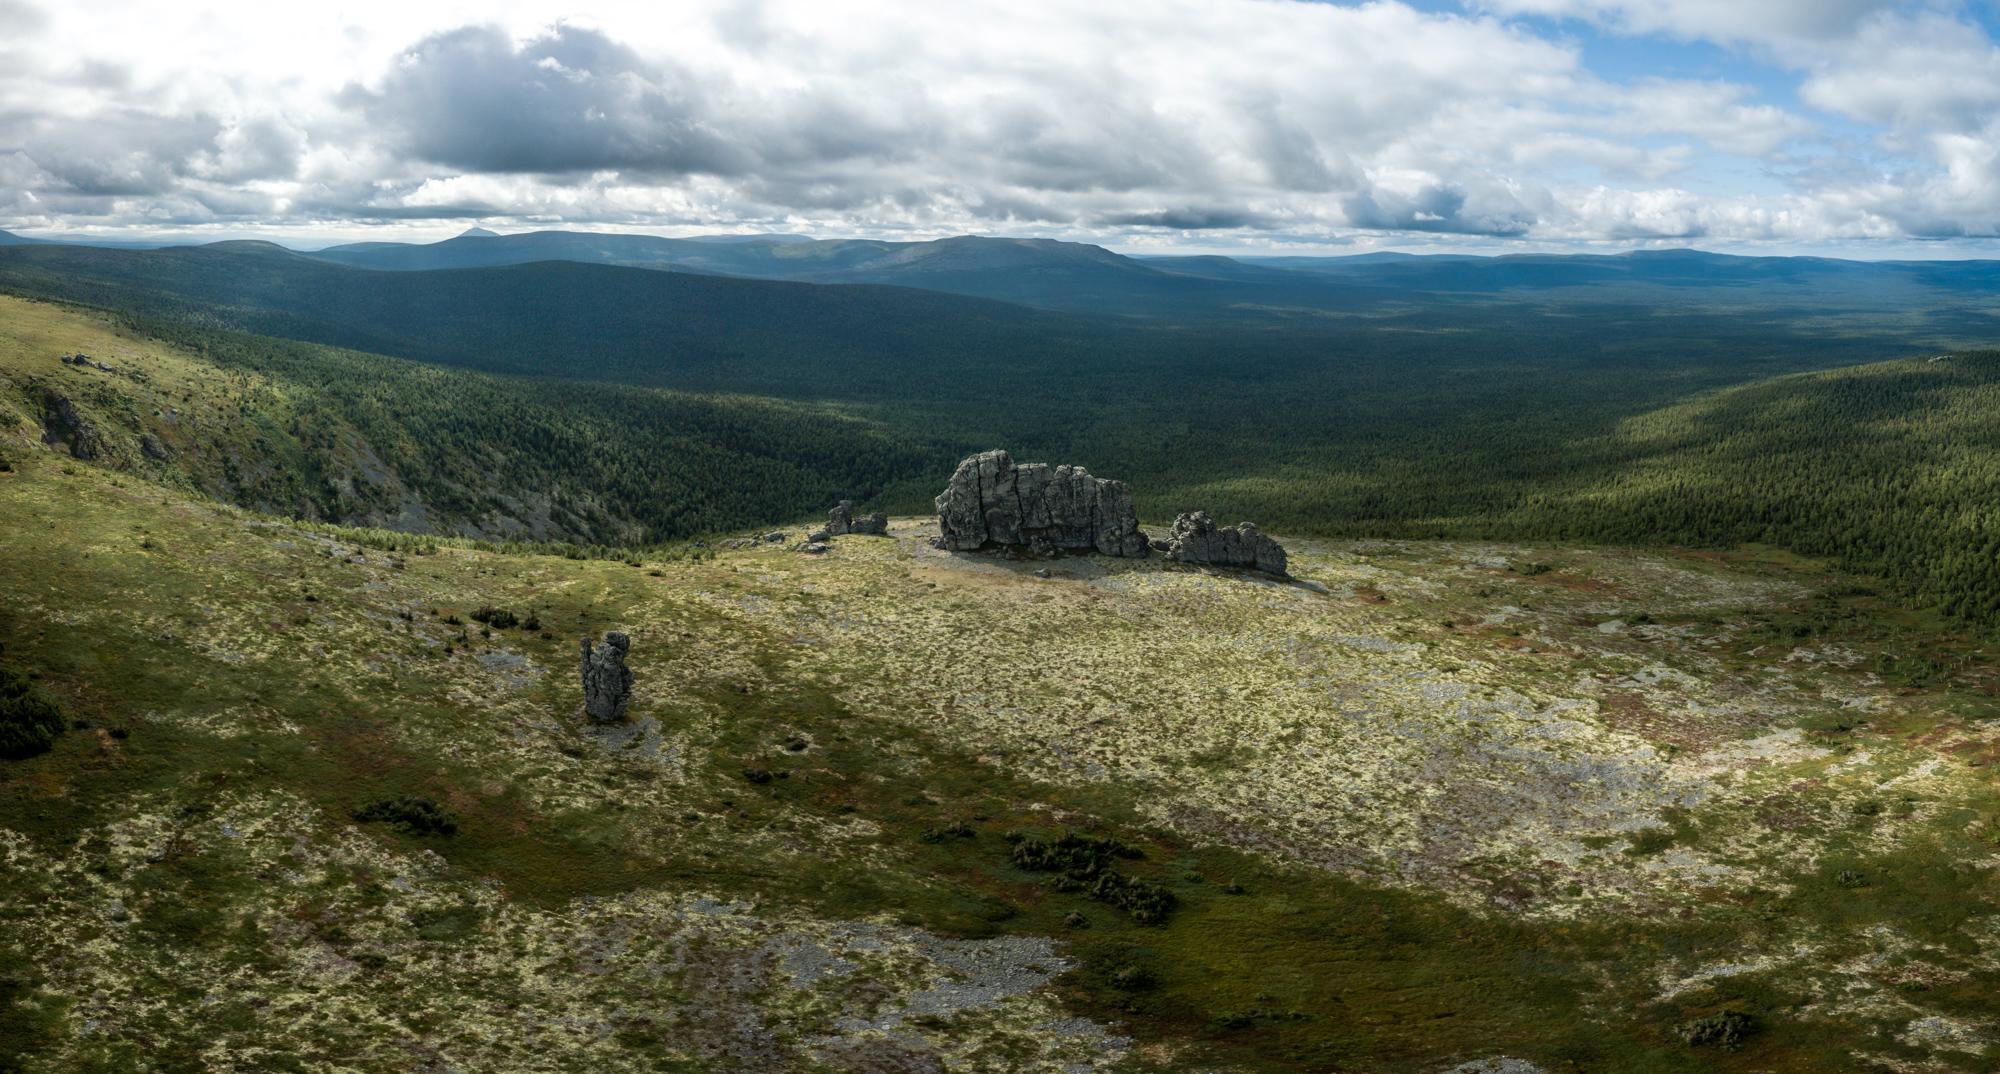 Легенда о Маньпупунёре пустоты, вафельный, пещеры, останцы, Пыгрычум, великаны, России, единственные, далеко, более, Маньпупунер, изгибы, формой, своей, повторяя, первозданном, практически, Легенда, мороженое, осталось